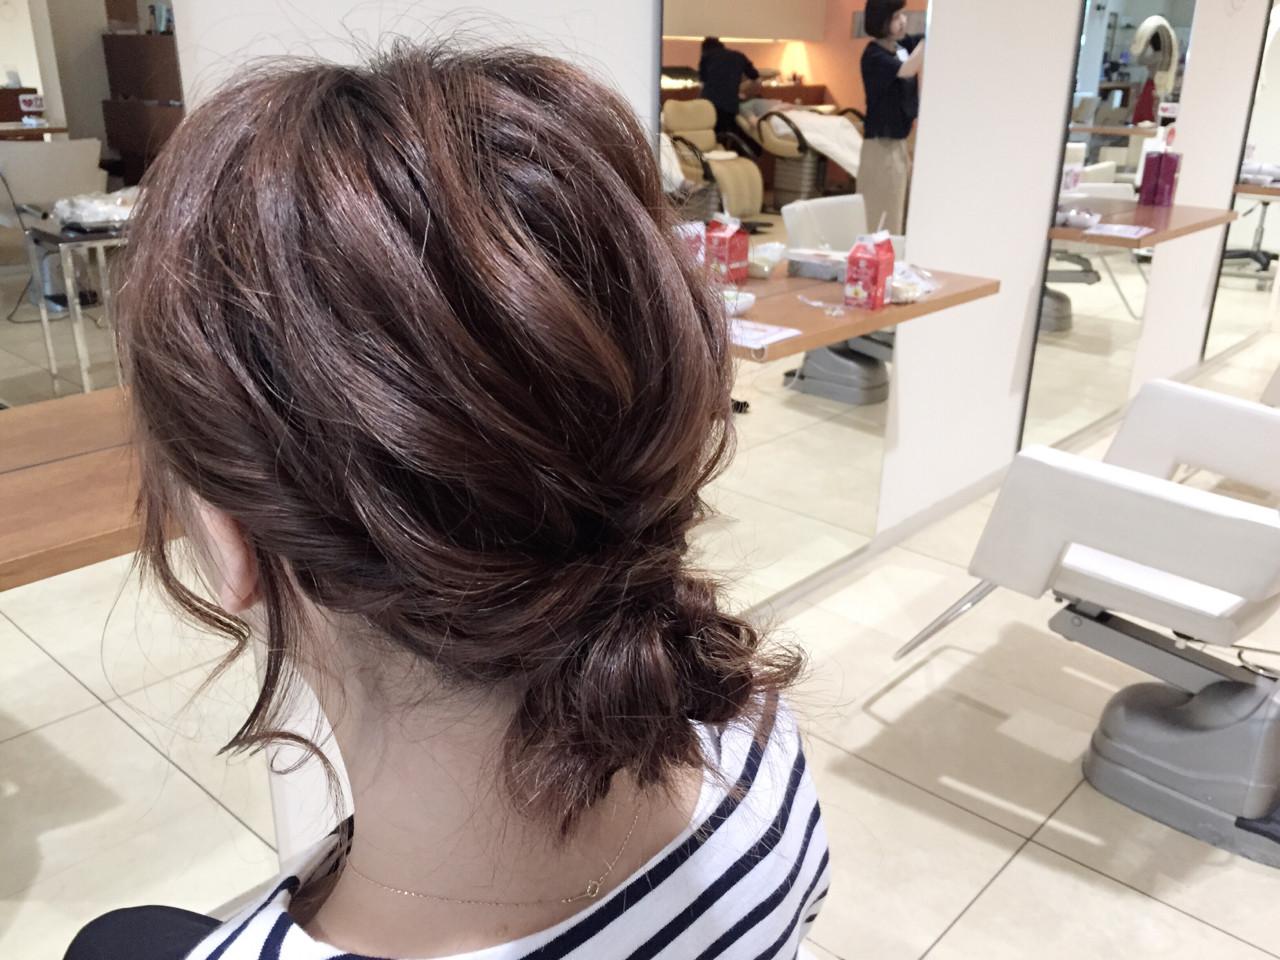 セミロング 波ウェーブ 大人かわいい ヘアアレンジ ヘアスタイルや髪型の写真・画像 | 小田 孝一 / Oase makoto hair brands